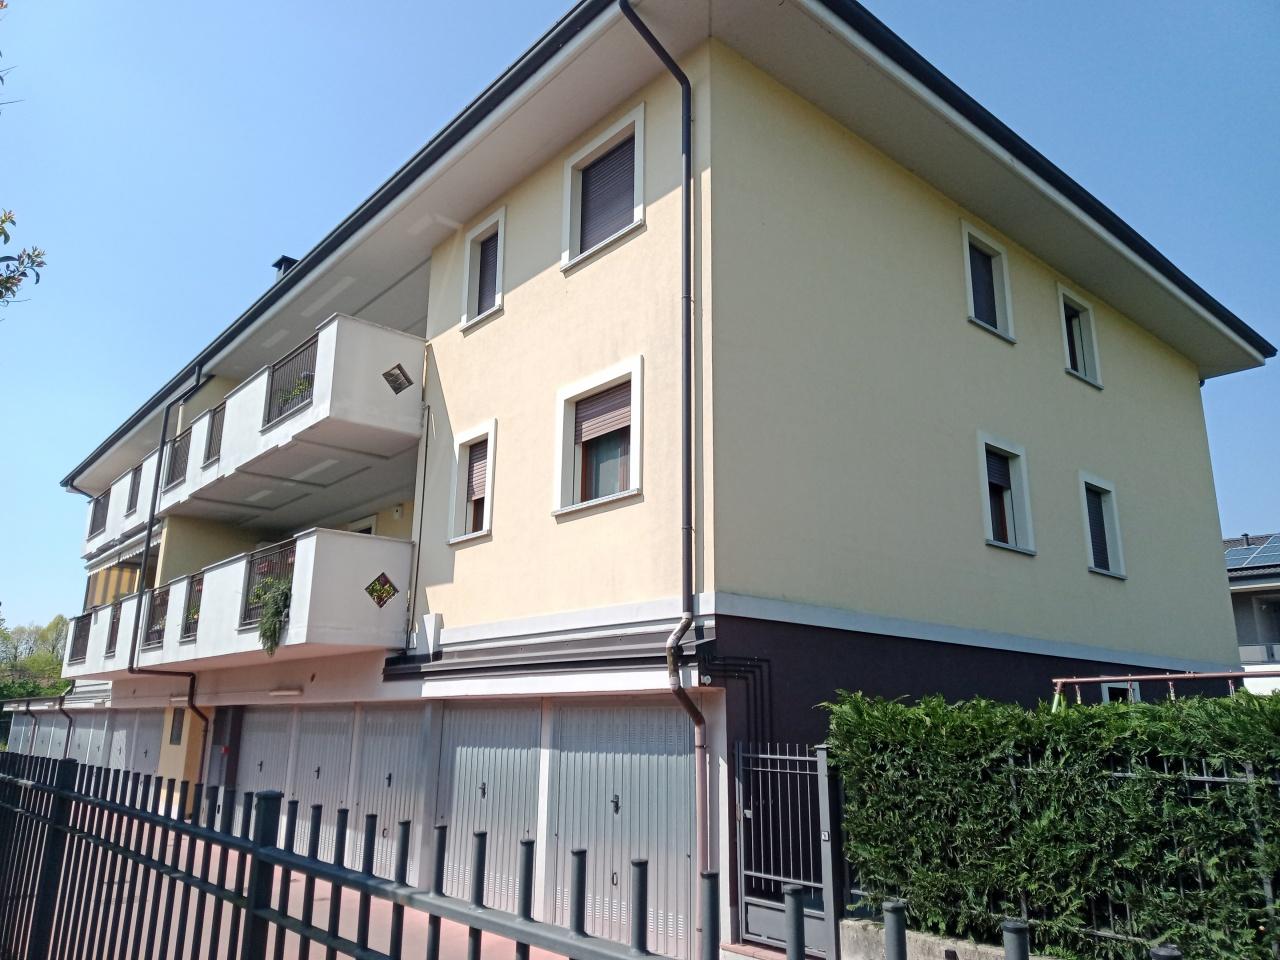 Appartamento in vendita a Pozzuolo Martesana, 3 locali, prezzo € 235.000 | CambioCasa.it